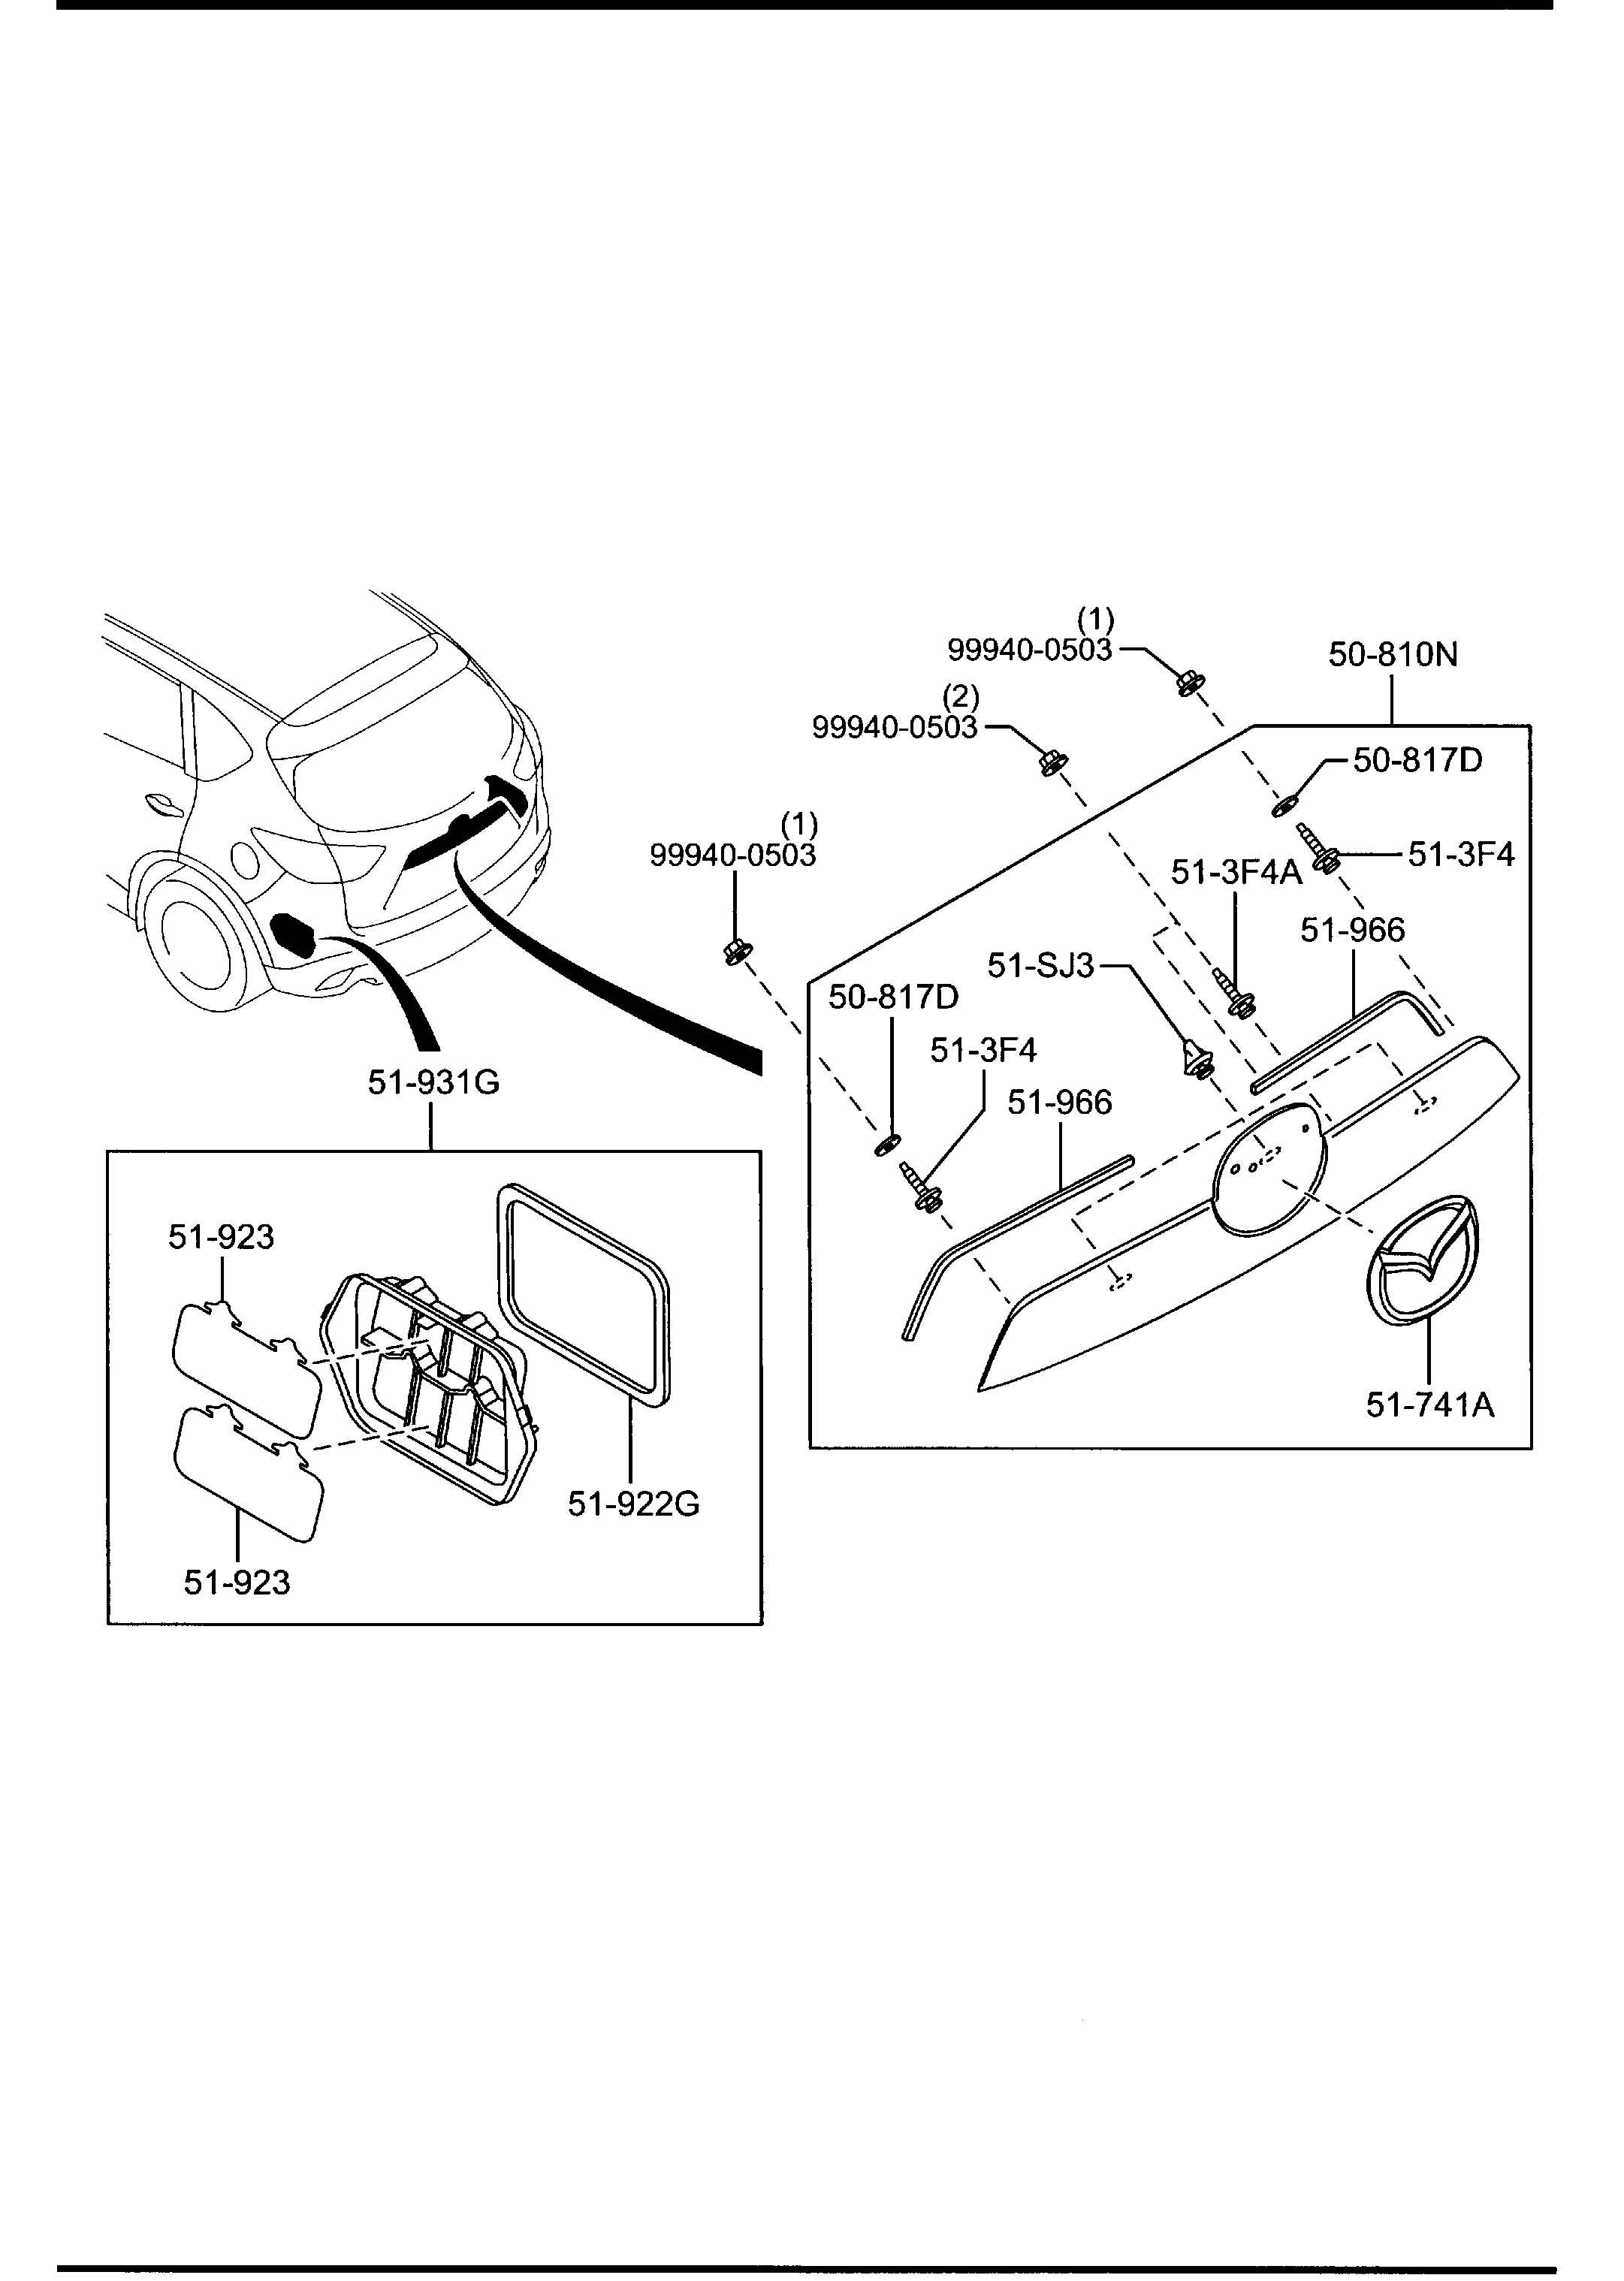 1K00HF2 Mazda Headlight Wiring Diagram on mazda b2200 vacuum diagram, mazda alternator wiring diagram, mazda 3 fuel system diagram, mazda rx-7 engine diagram, mazda 3 wiring diagram,